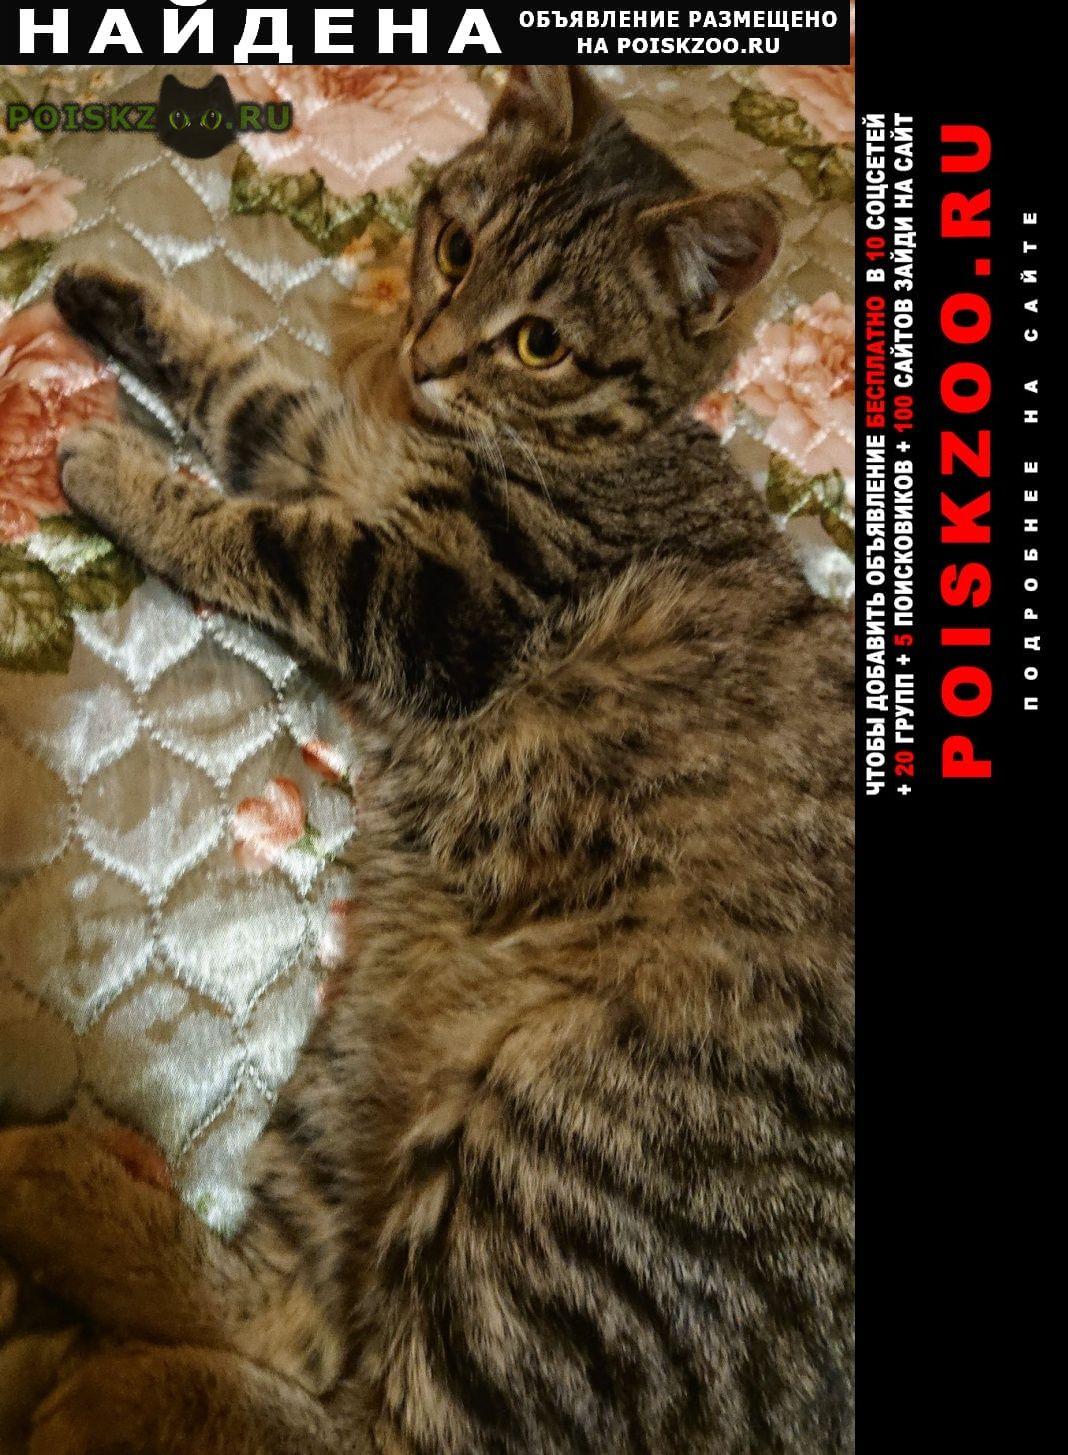 Найдена кошка котенок около станция тарасовская г.Черкизово